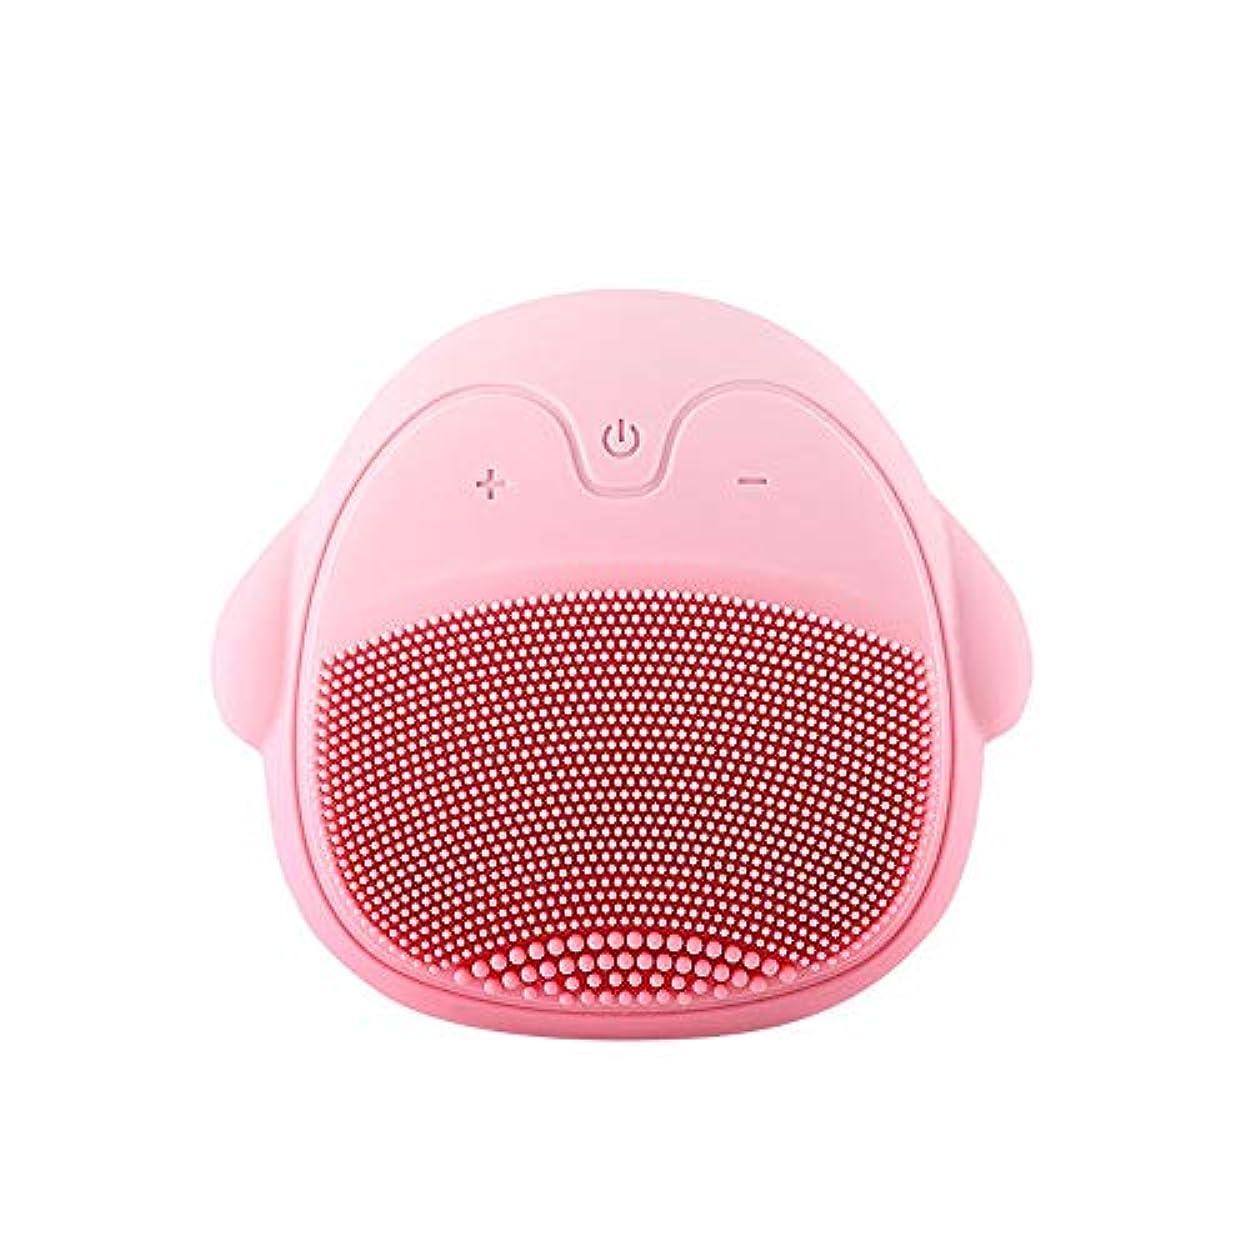 温度計異邦人ピアースシリコンフェイスブラシ、洗顔ブラシ、ディープクレンジング、スキンケア、かわいい、ピンク